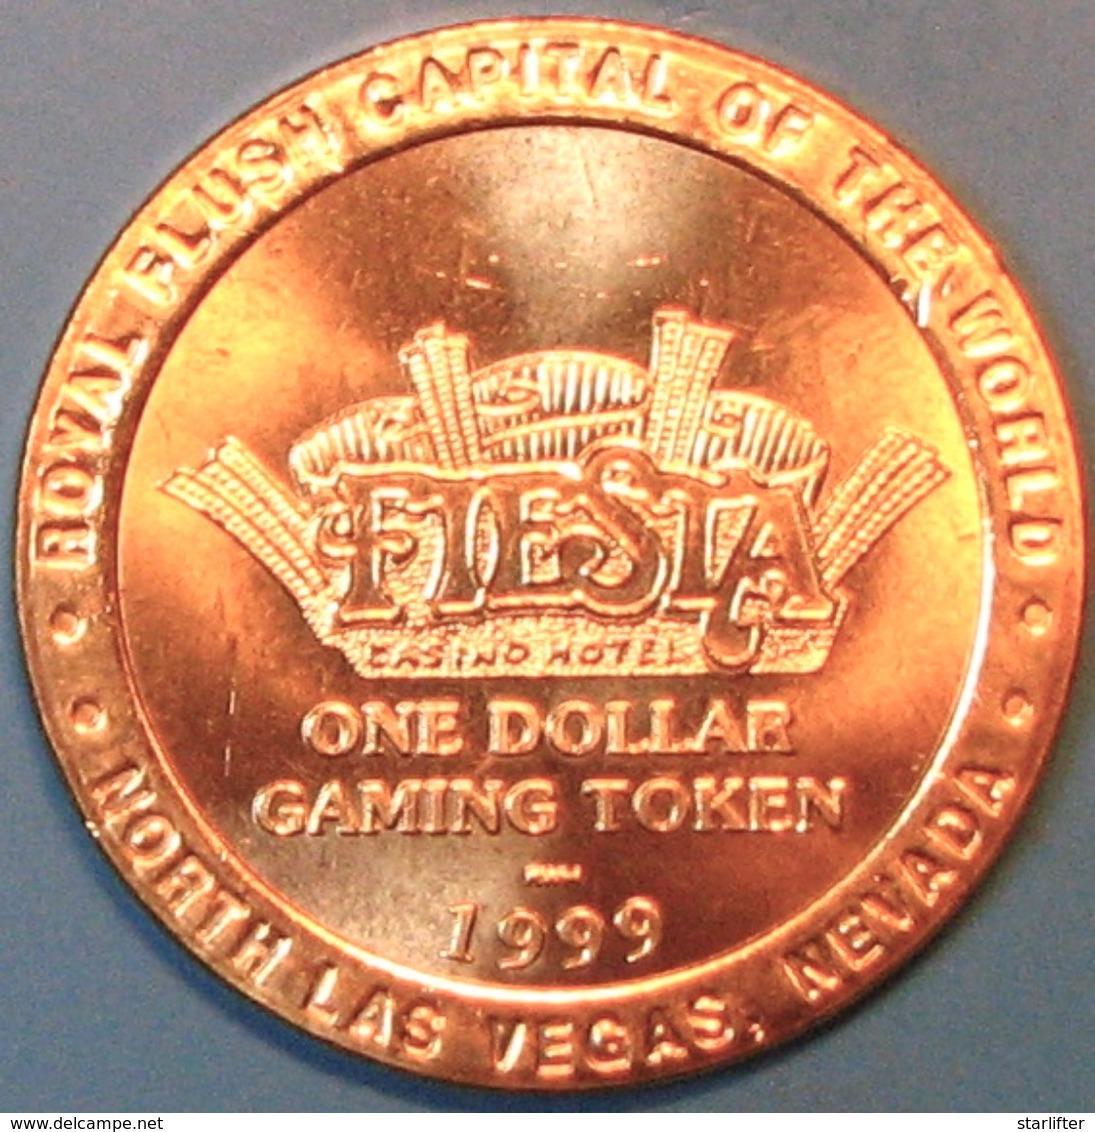 $1 Casino Token. Fiesta, N. Las Vegas, NV. 1999, Roxy's Pizza. J58. - Casino